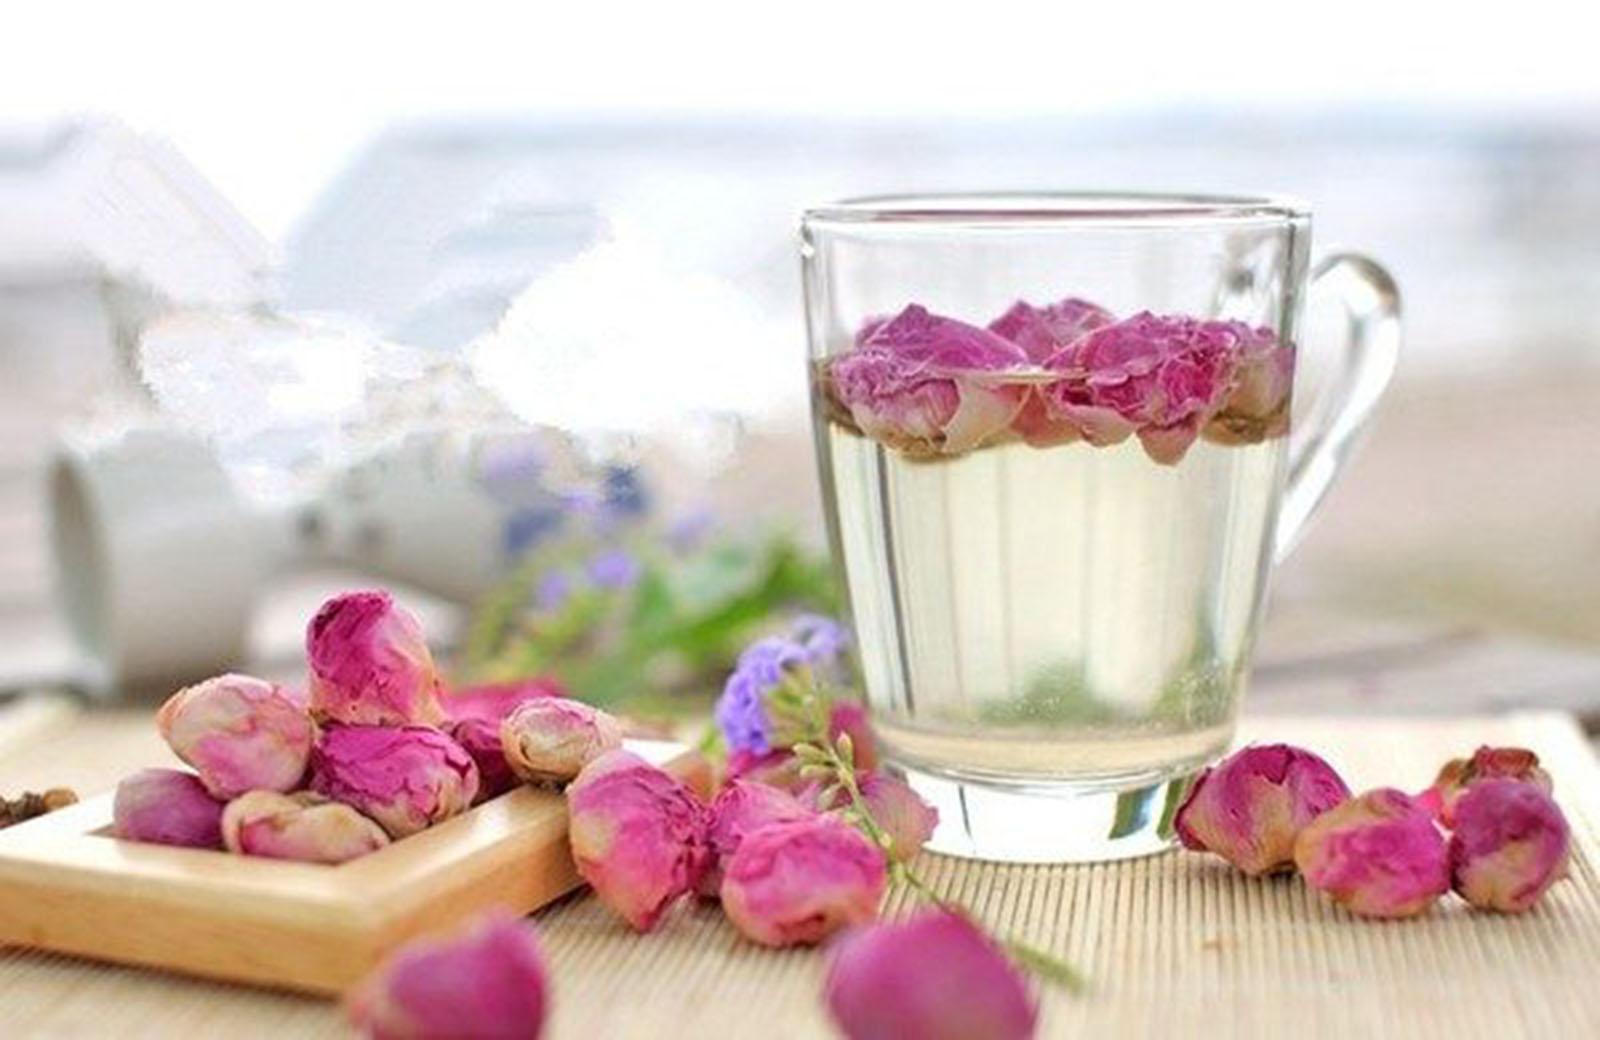 Trà hoa hồng còn có tác dụng chống các bệnh ngoài da và hạn chế vết thương mưng mủ, tăng cường hệ miễn dịch, kích thích và cân bằng hệ thần kinh con người